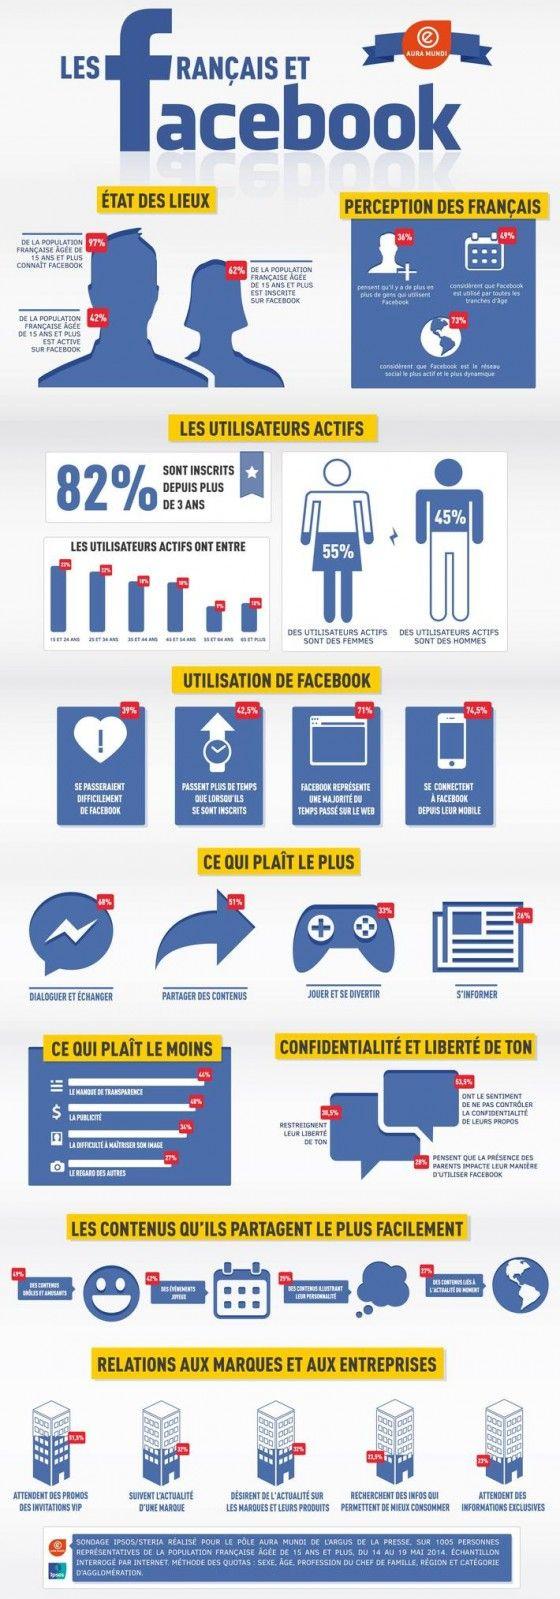 #INFOGRAPHIE #RÉSEAUX SOCIAUX : http://www.socialshaker.com/blog/2014/10/10/etude-francais-facebook-2014/ Statistiques de Facebook en France